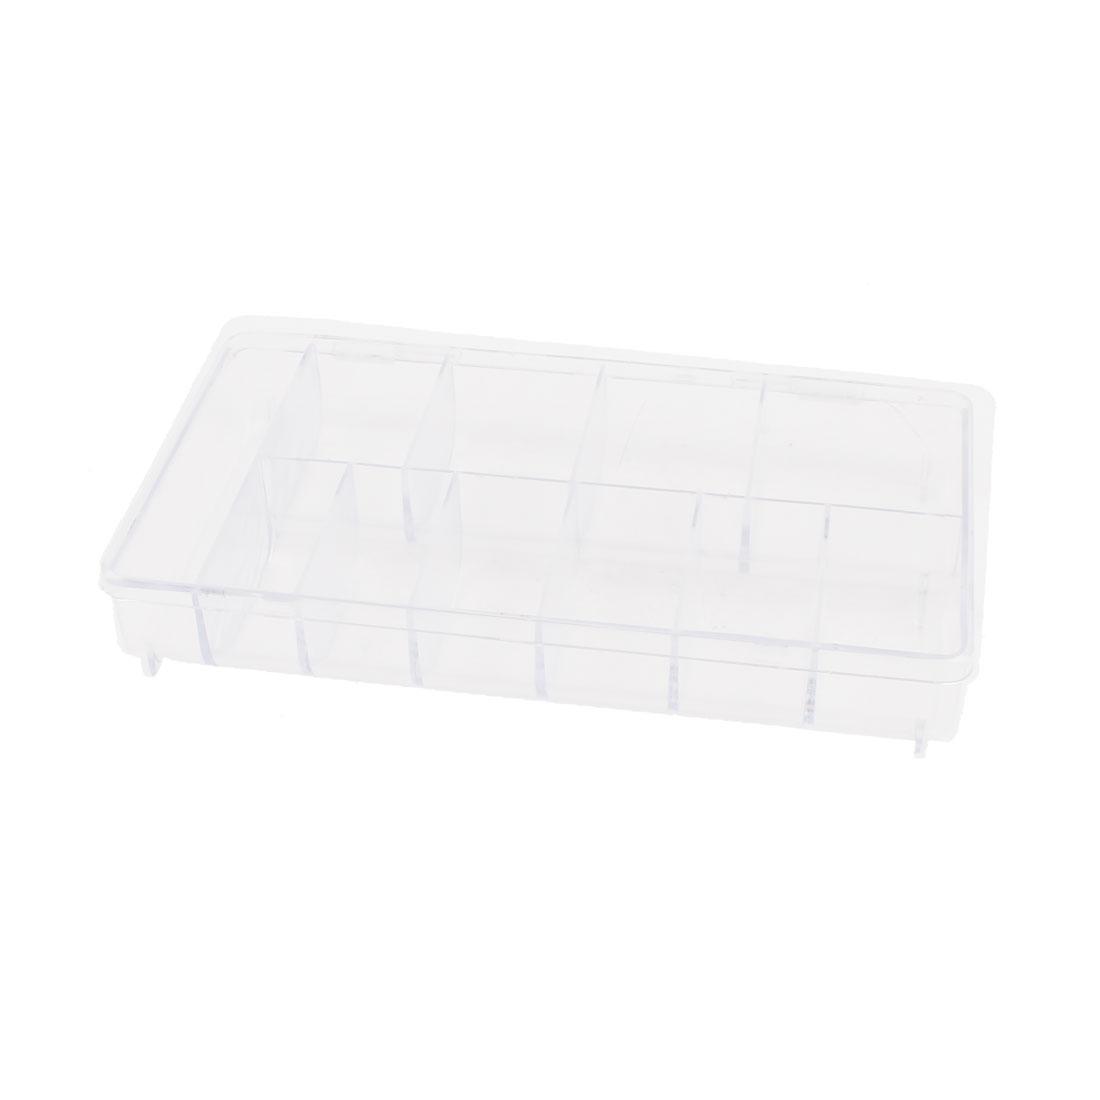 Clear White Plastic Rectangle Design 11 Compartments Comestics Storage Case 20 x 11 x 3.5cm